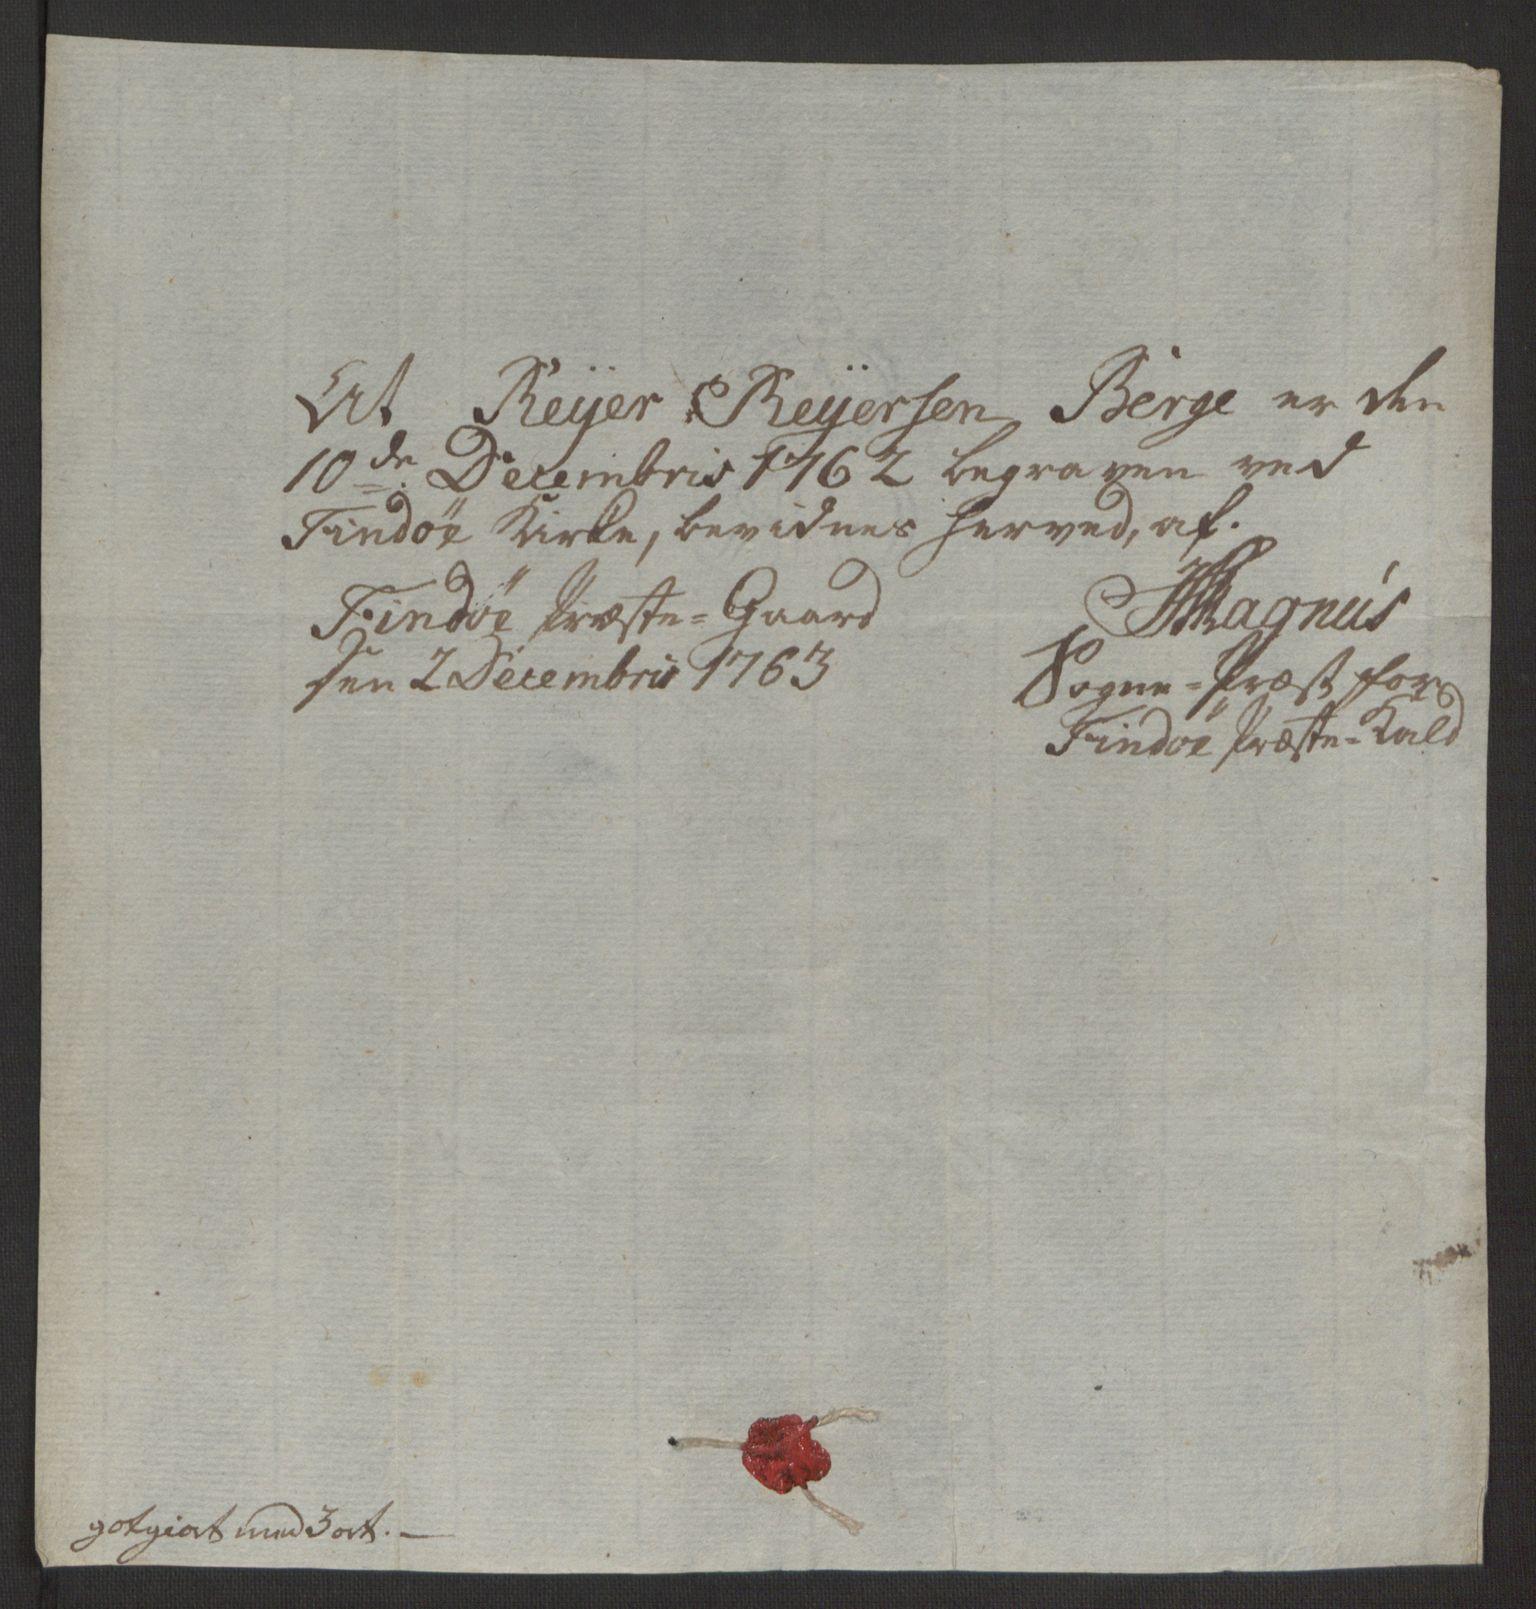 RA, Rentekammeret inntil 1814, Reviderte regnskaper, Hovedkasseregnskaper, Rf/L0072b: Ekstraskatteregnskap, 1762, s. 328